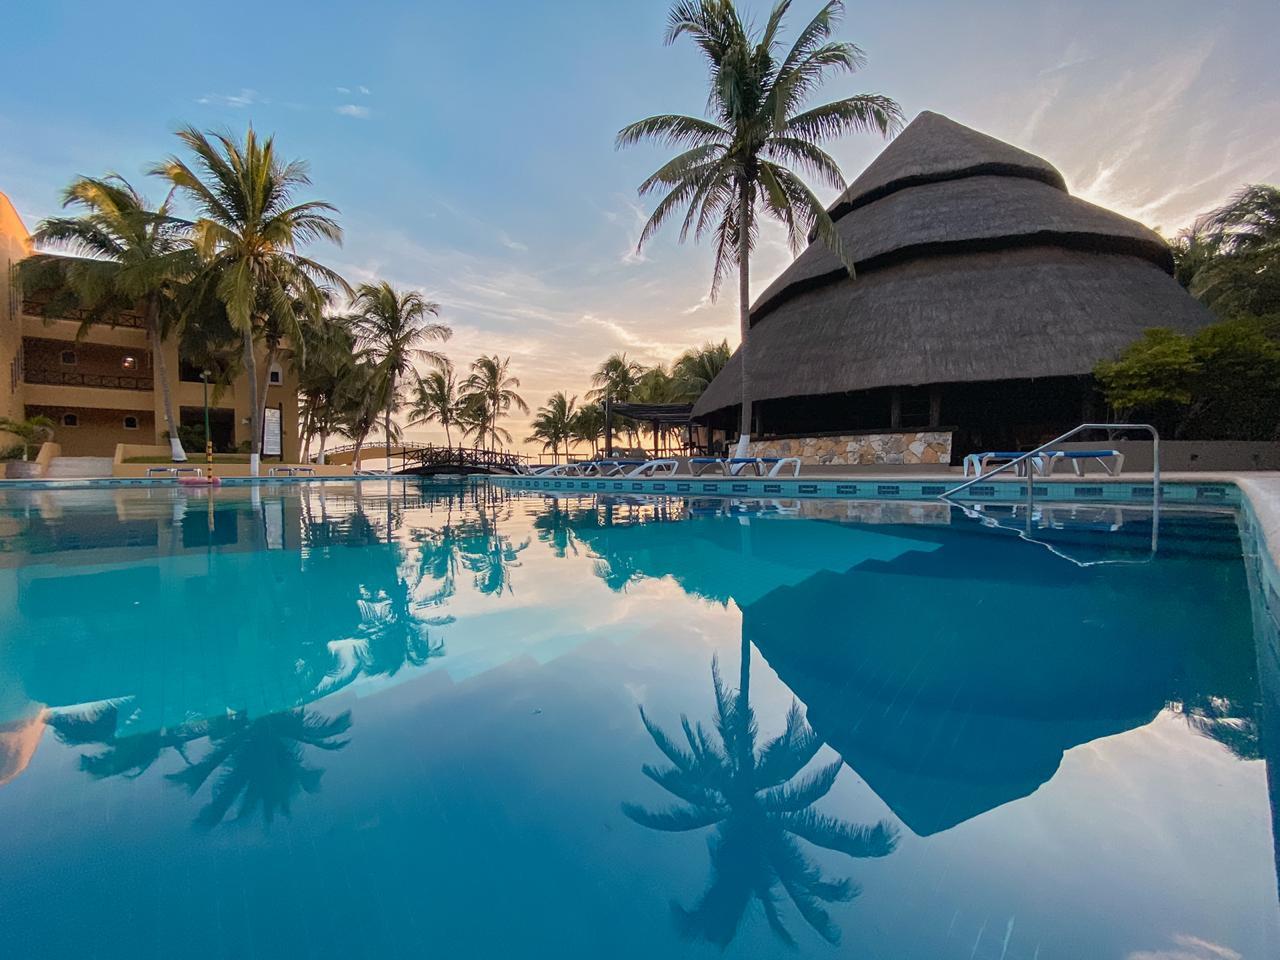 Hotel reef yucatan en Telchac Puerto fiestas patrias